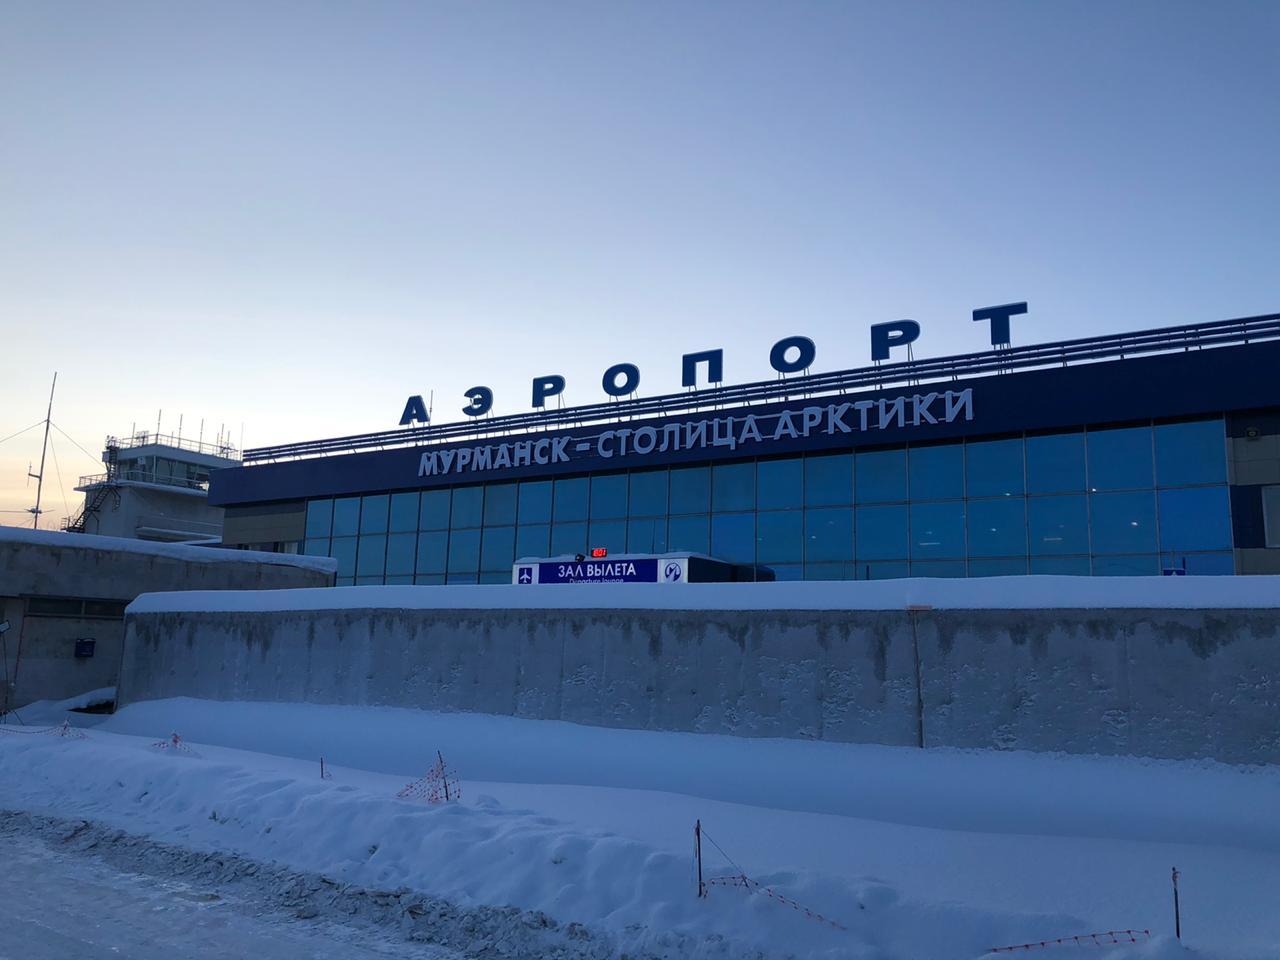 20201122-В аэропорту Мурманска открылась выставка, посвященная Николаю II-pic1